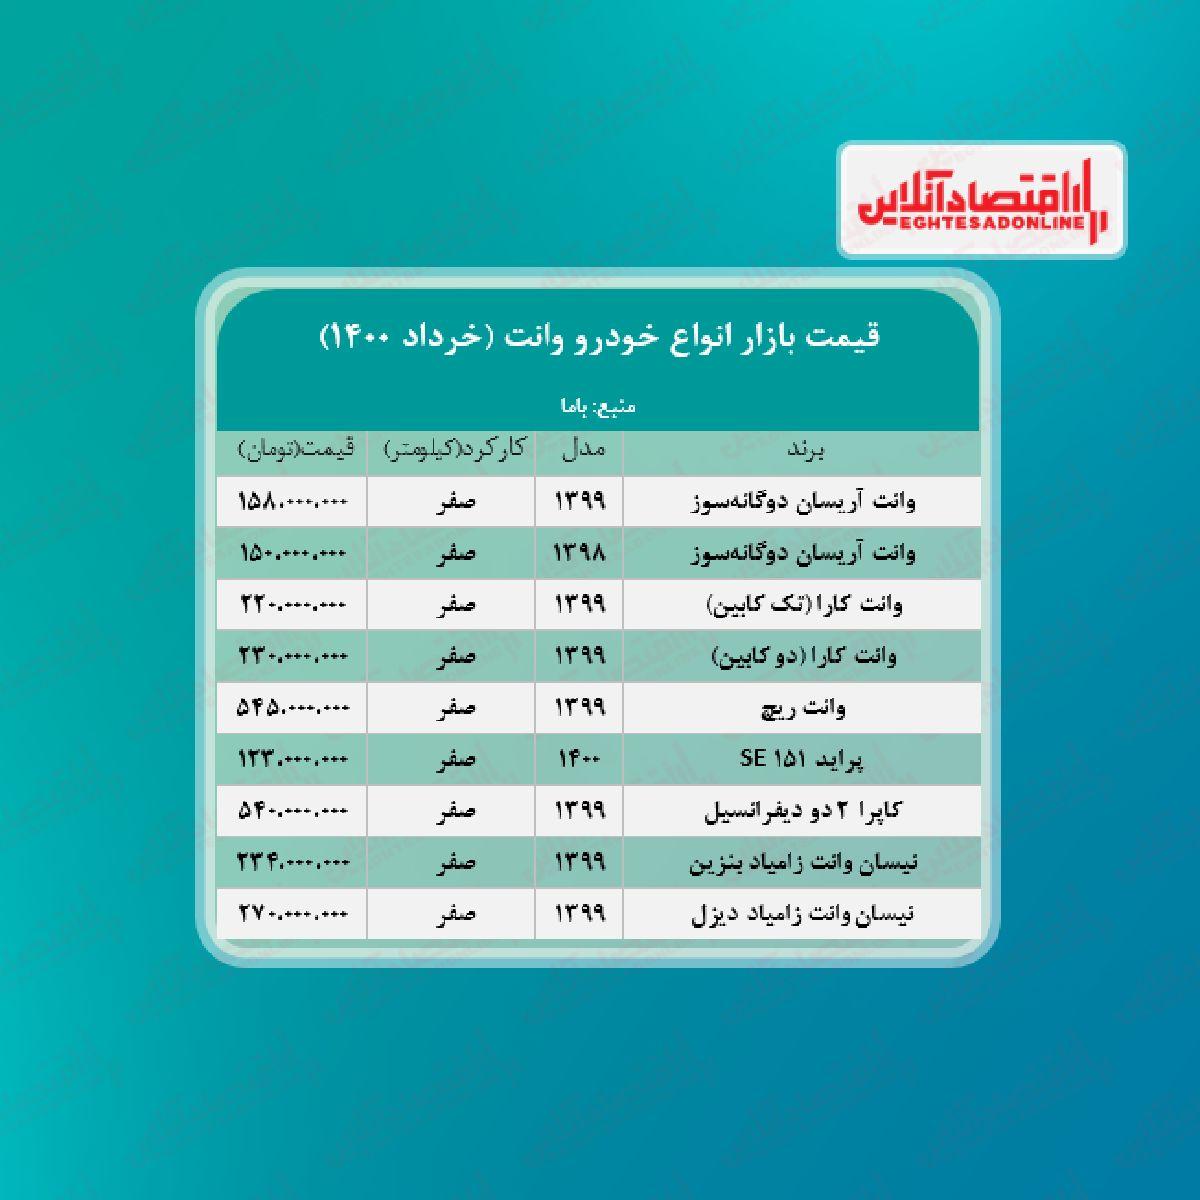 قیمت وانت در هفته دوم خرداد + جدول